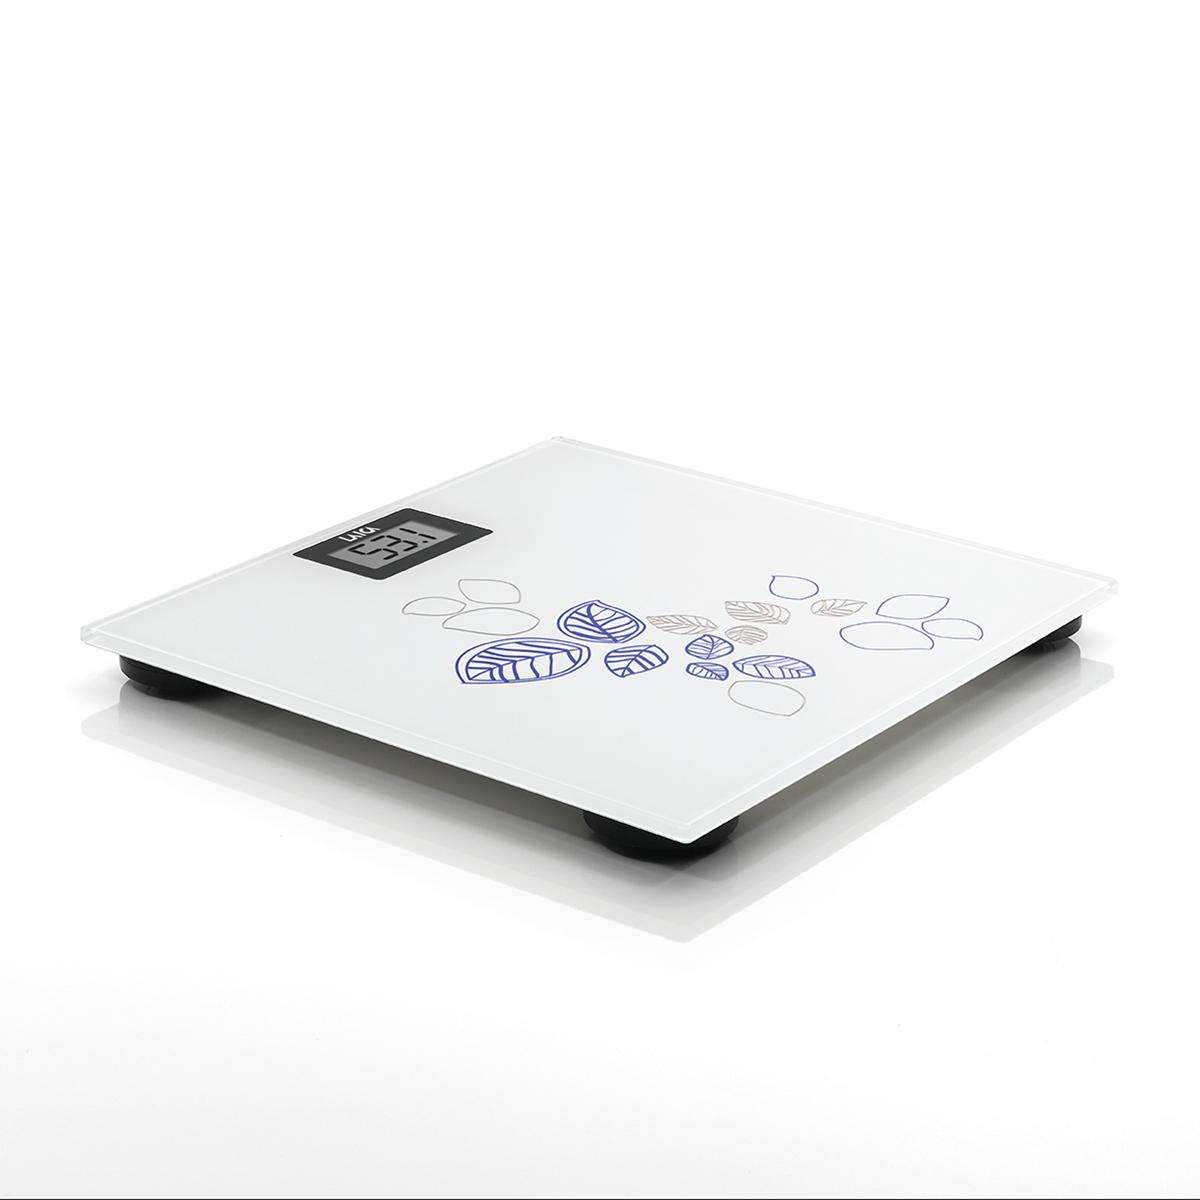 【三色基本款】電子體重秤-自然葉片風 3